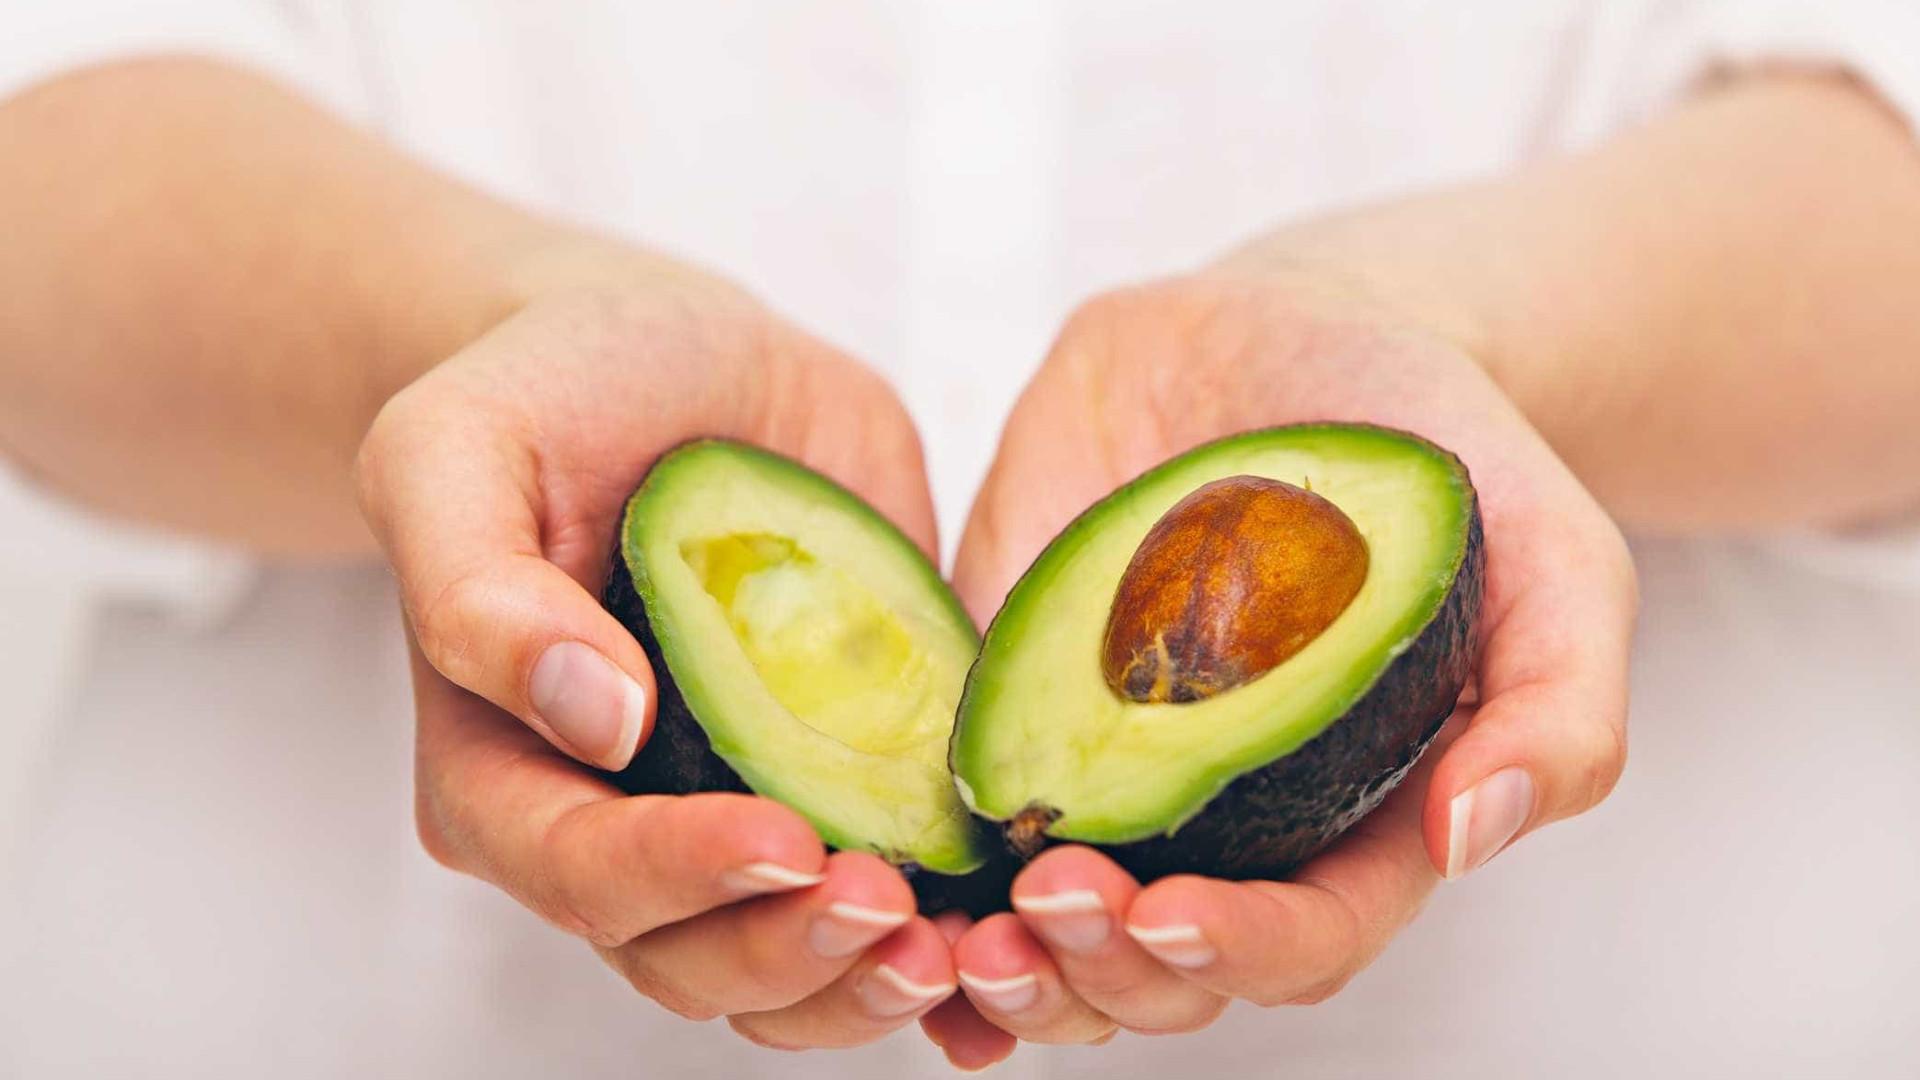 Casca do caroço do abacate tem benefícios para saúde; conheça